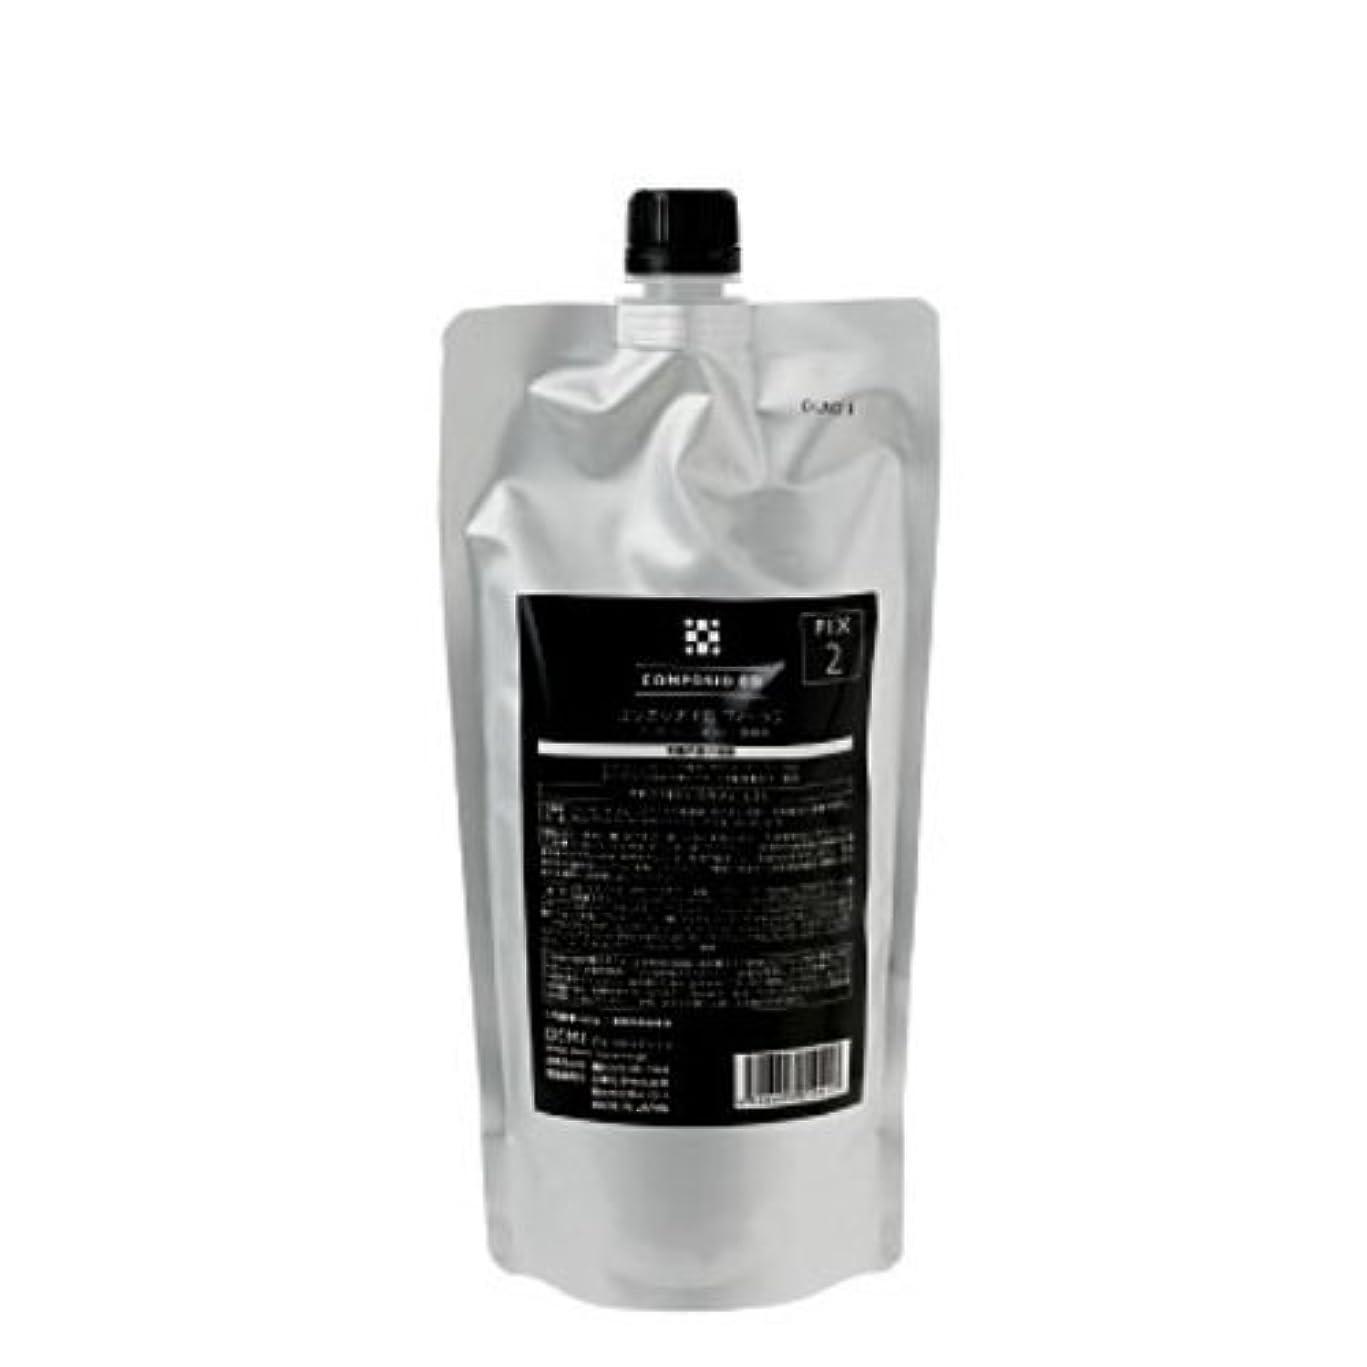 アフリカ耐えられない顔料DEMI (デミ) コンポジオ EQ フィックス 450g レフィル